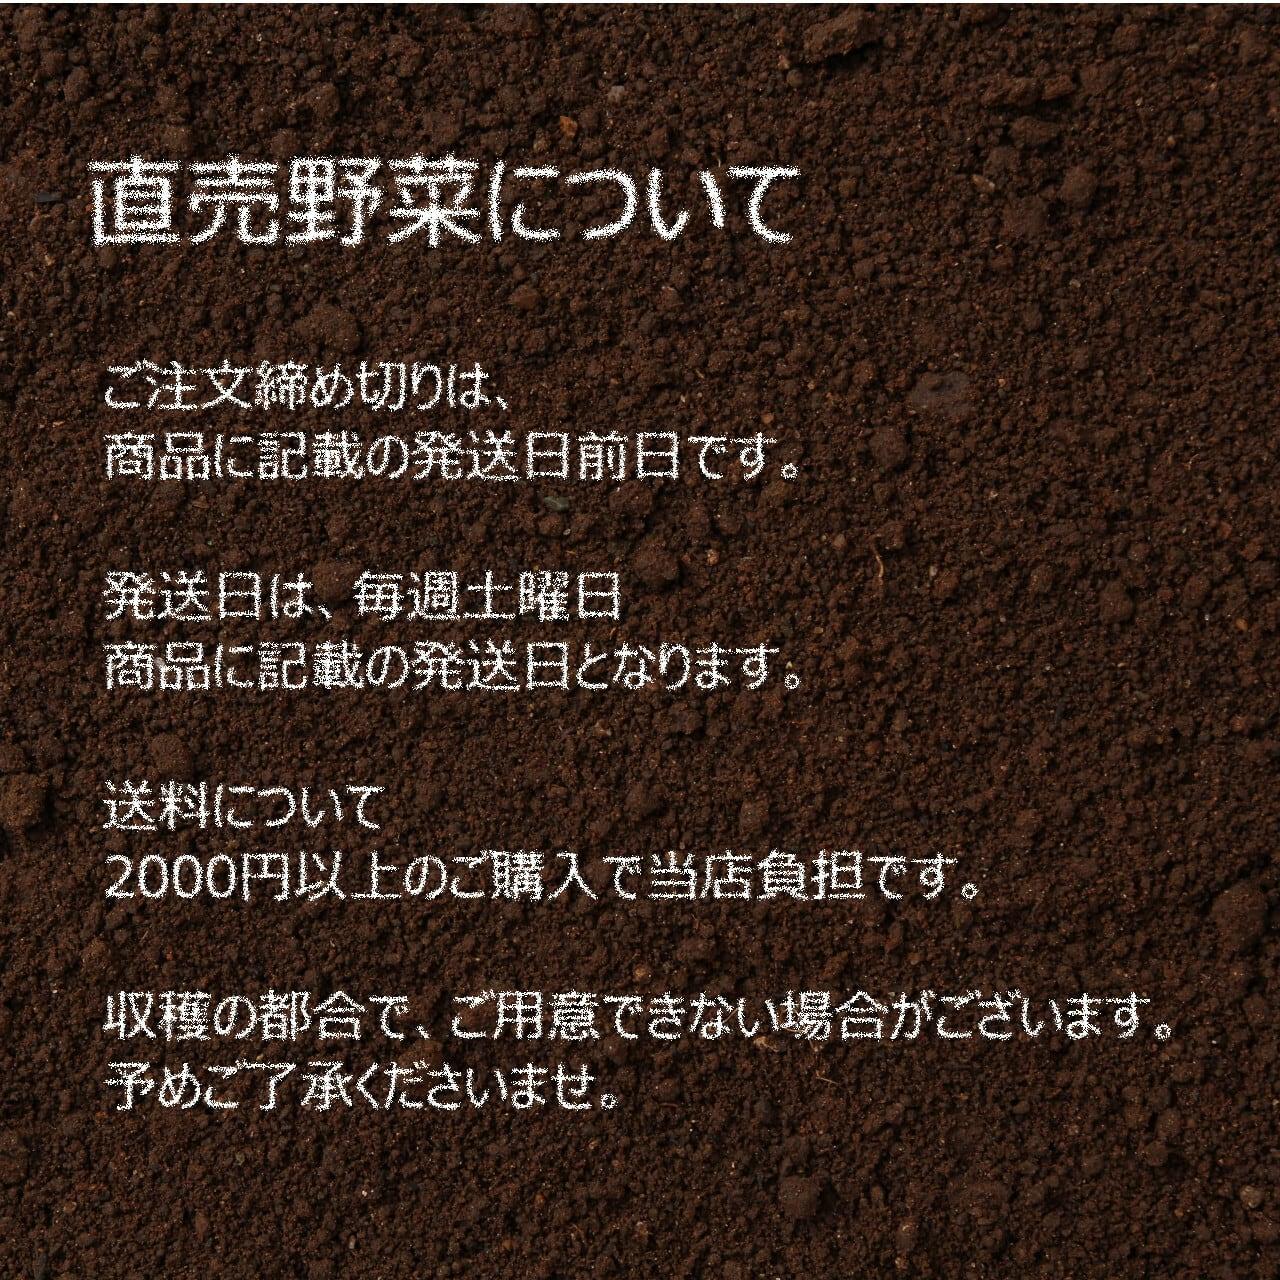 8月の朝採り直売野菜 : 坊ちゃんカボチャ 1個 新鮮な夏野菜 8月22日発送予定